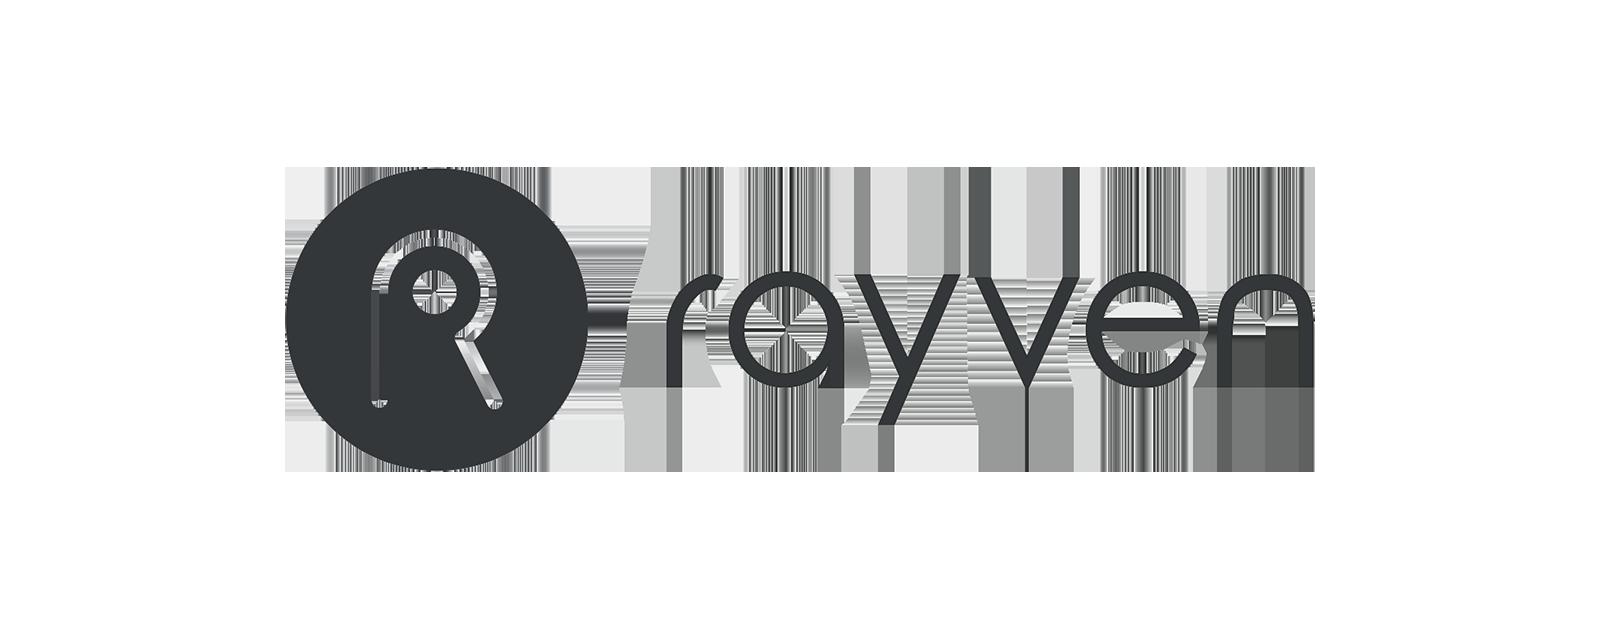 Rayven announces the arrival of former IBM enterprise design thinking leader, Phillip McBride.